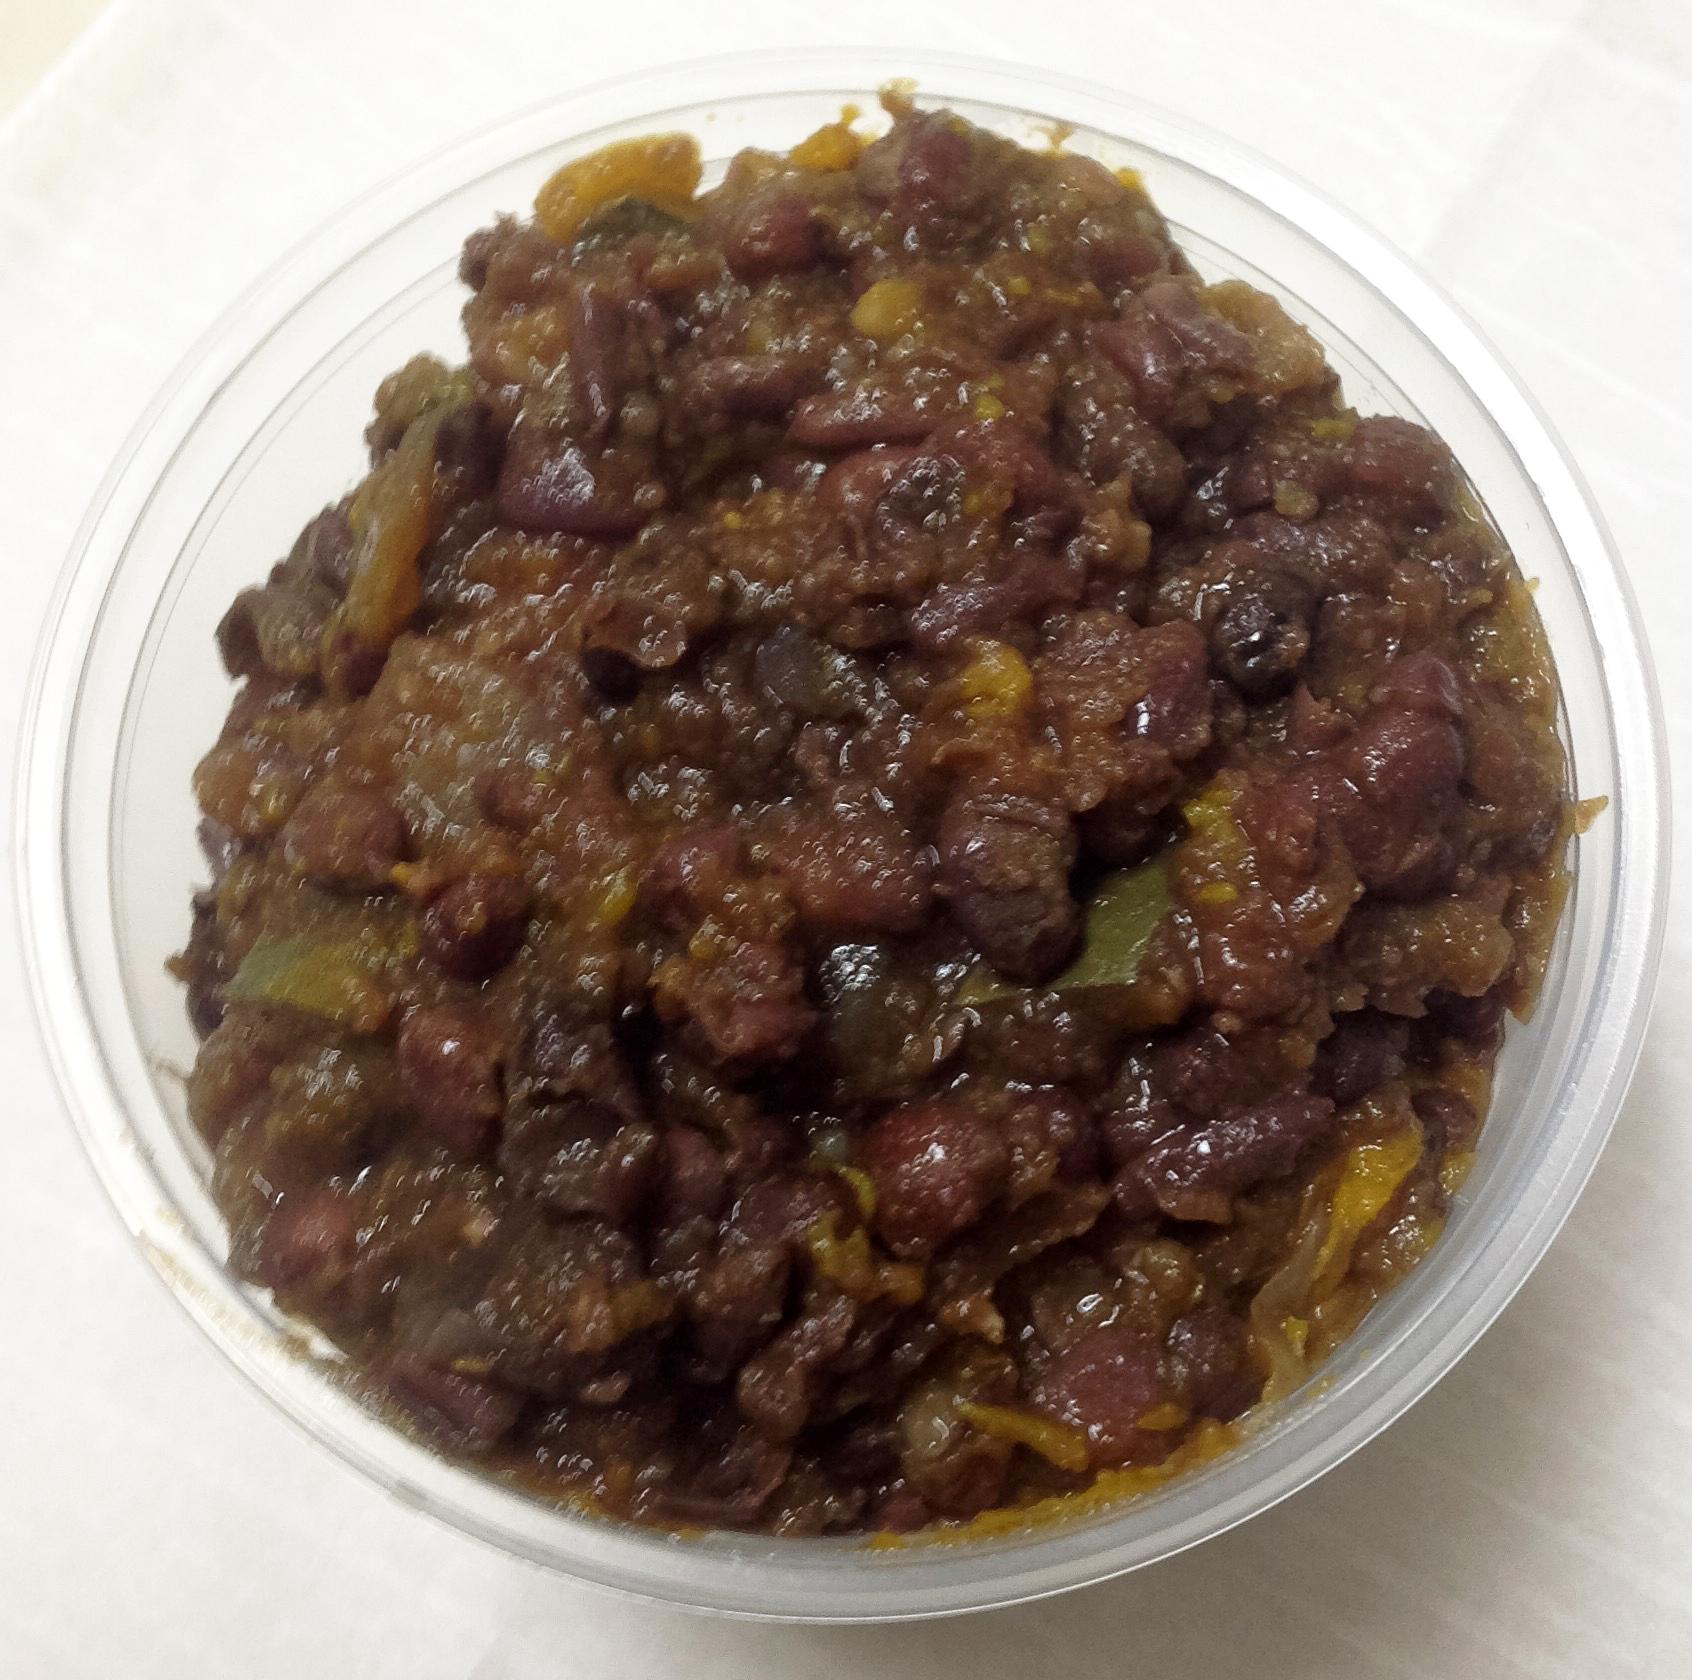 adzuki-beans